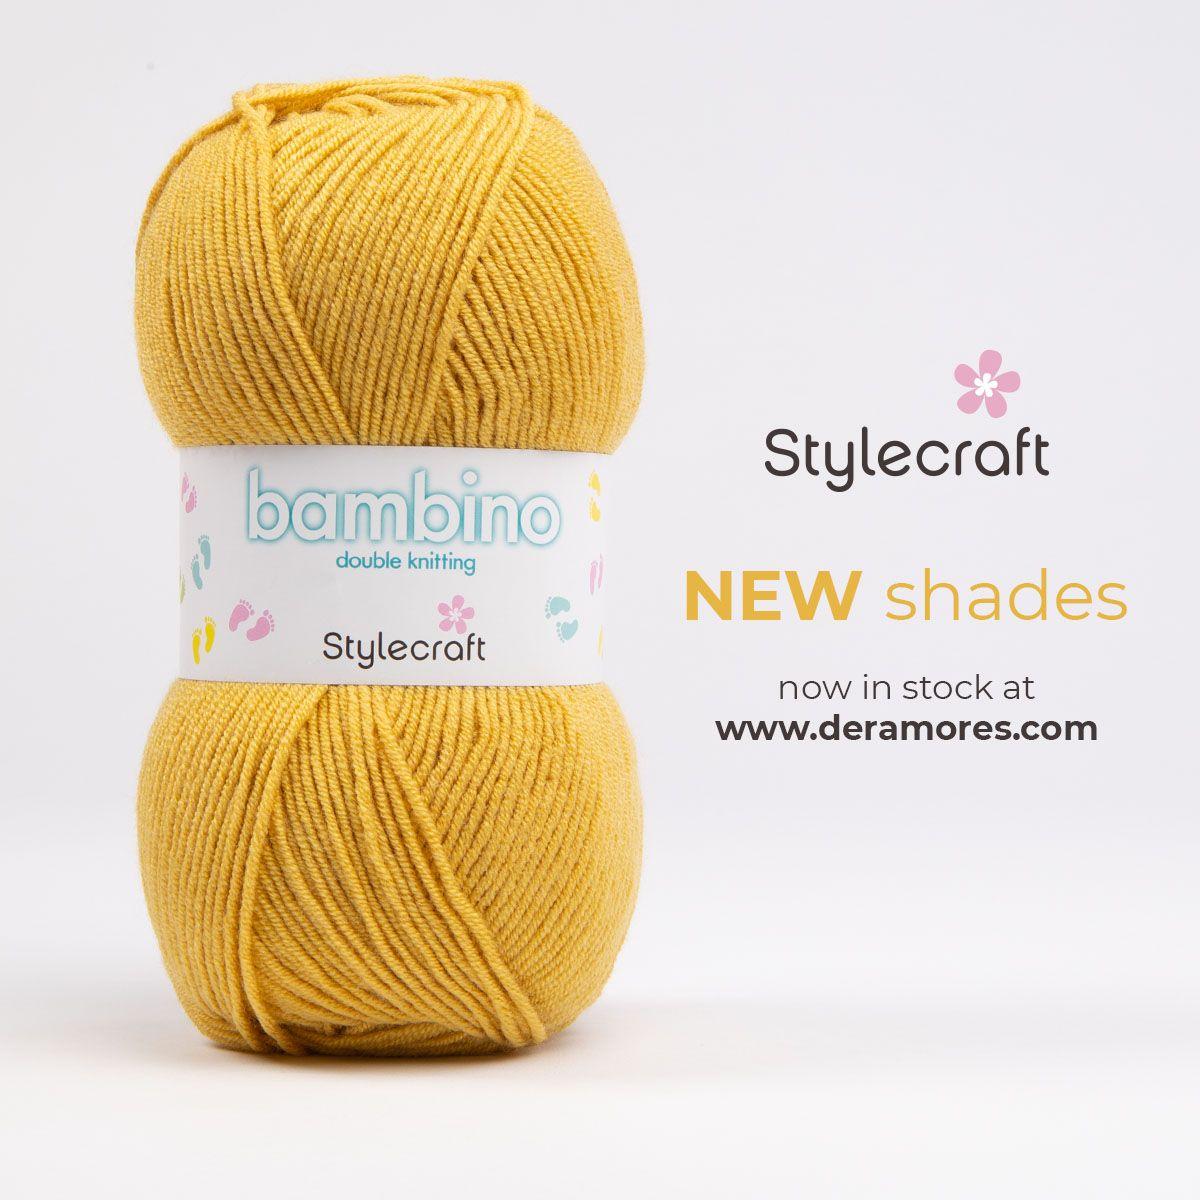 Stylecraft Bambino DK | Stylecraft Yarn - Deramores